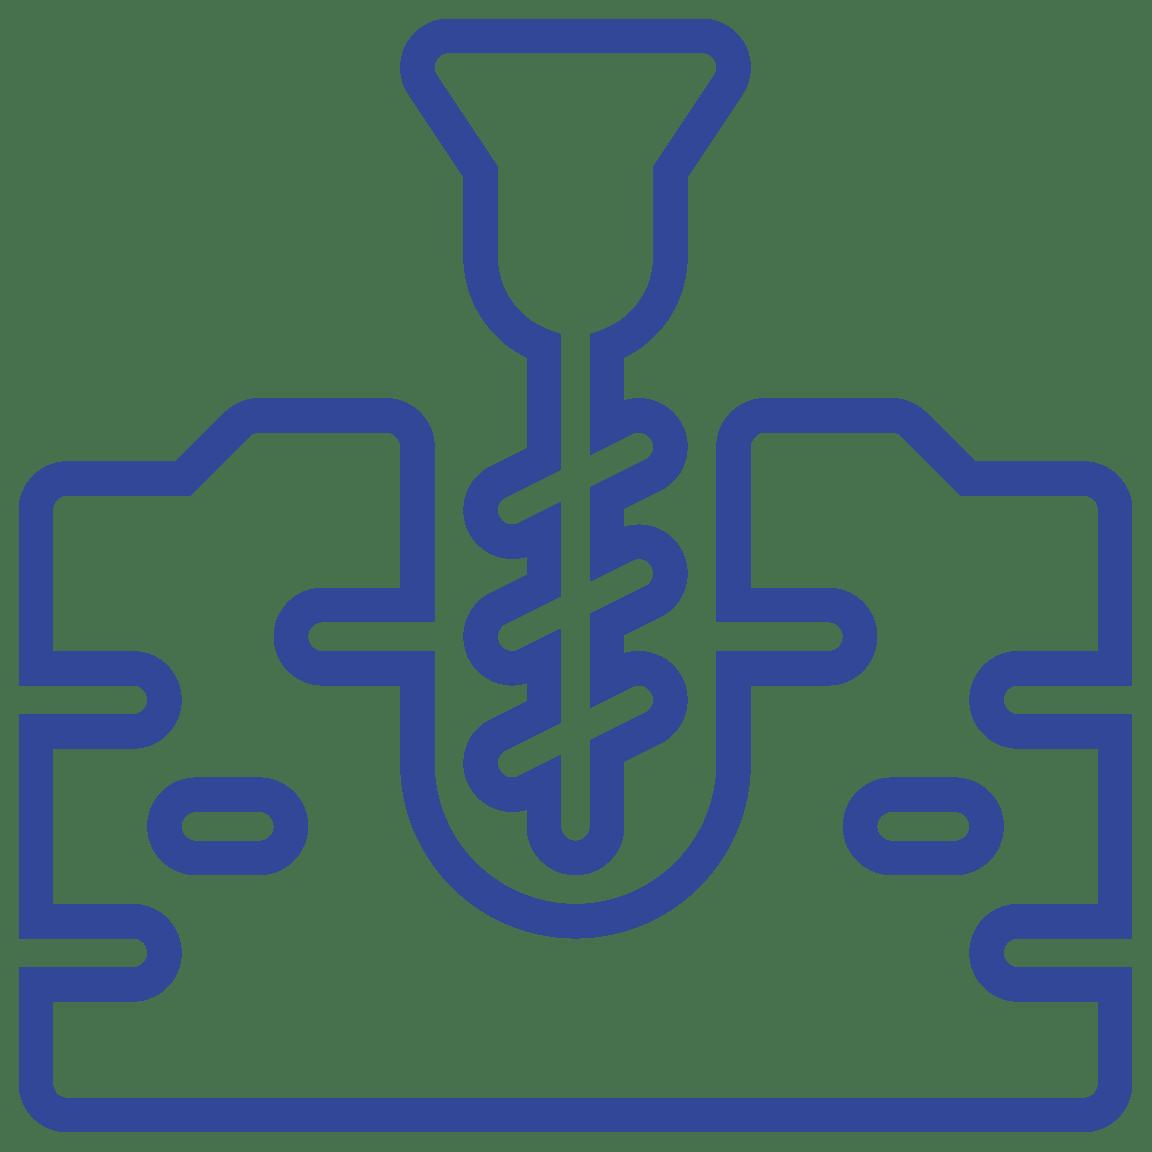 core drilling icon